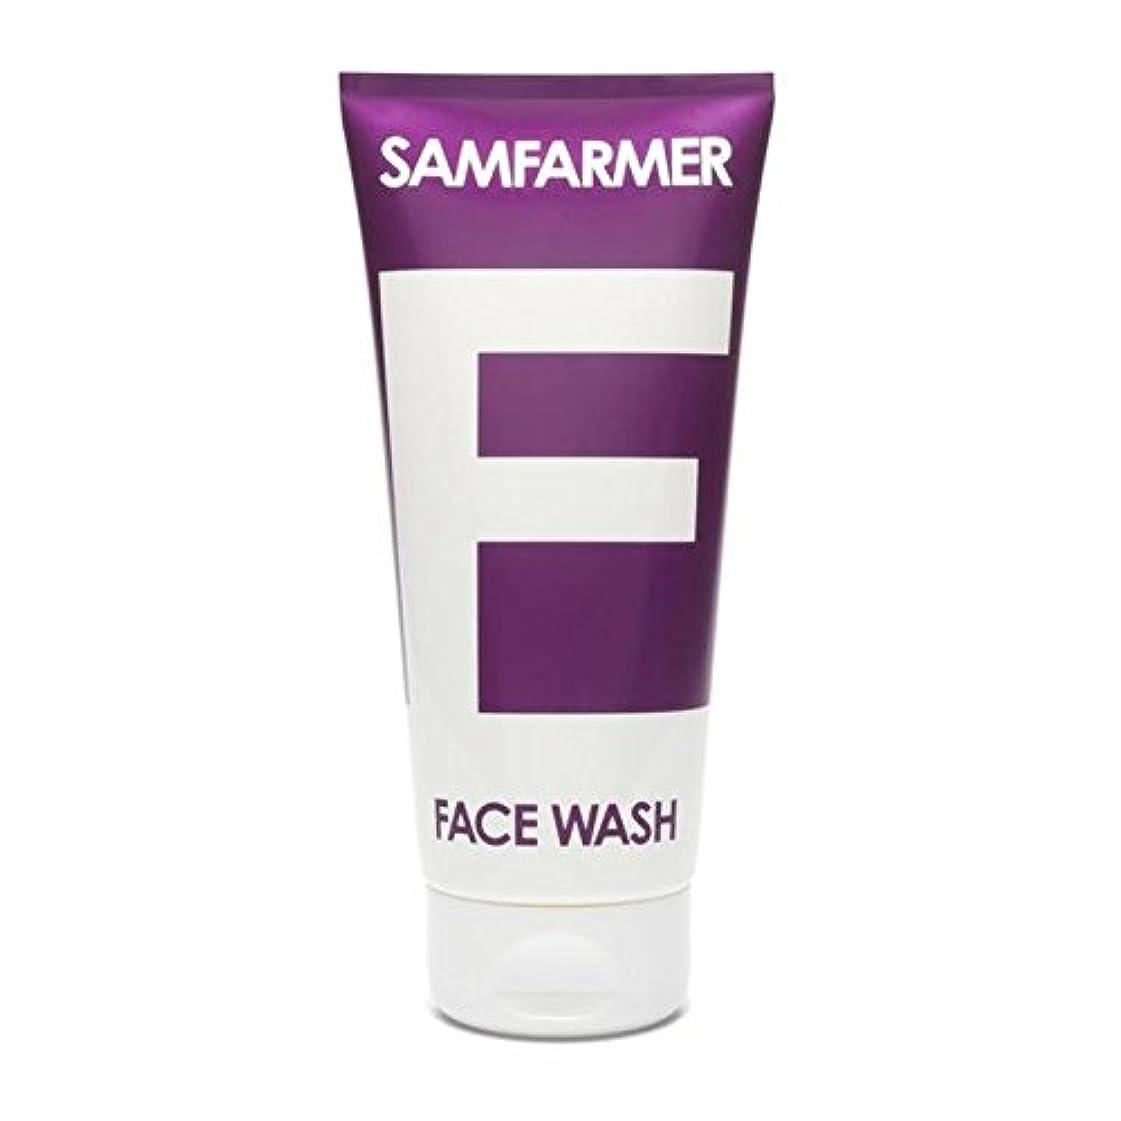 進行中クリスチャンホースユニセックスフェイスウォッシュ200ミリリットル x2 - SAMFARMER Unisex Face Wash 200ml (Pack of 2) [並行輸入品]